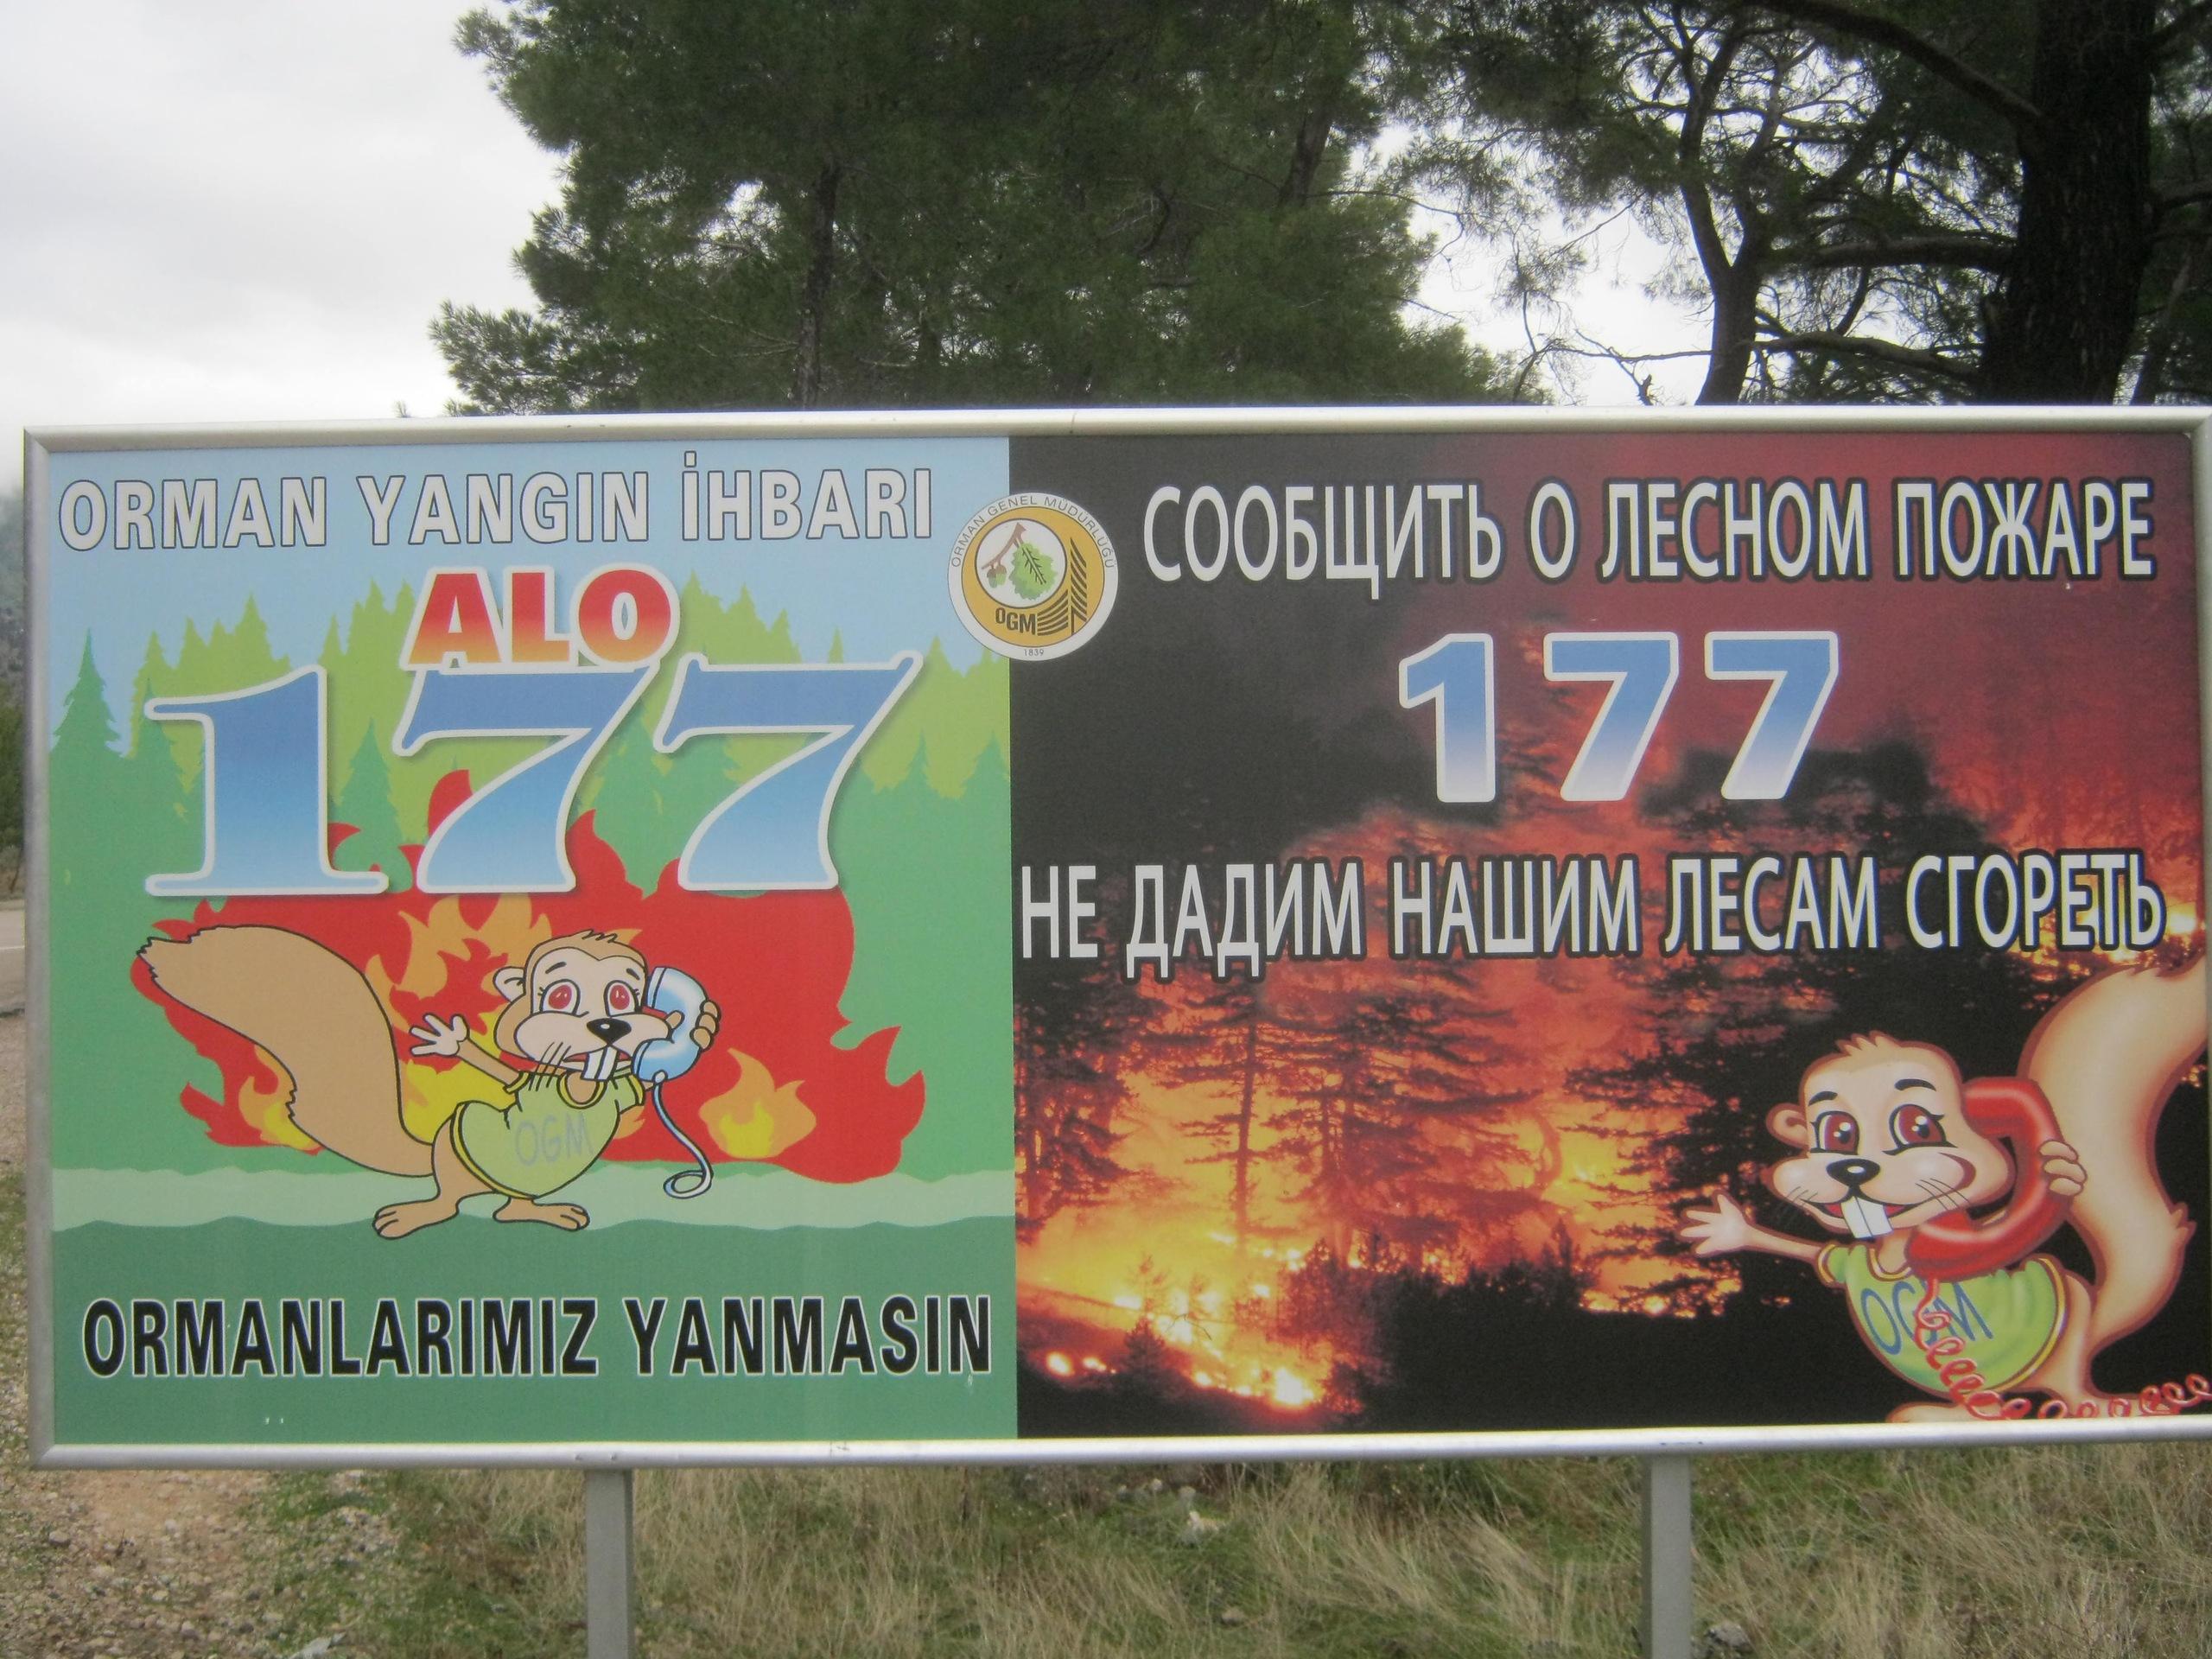 Плакат на турецком и русском языках